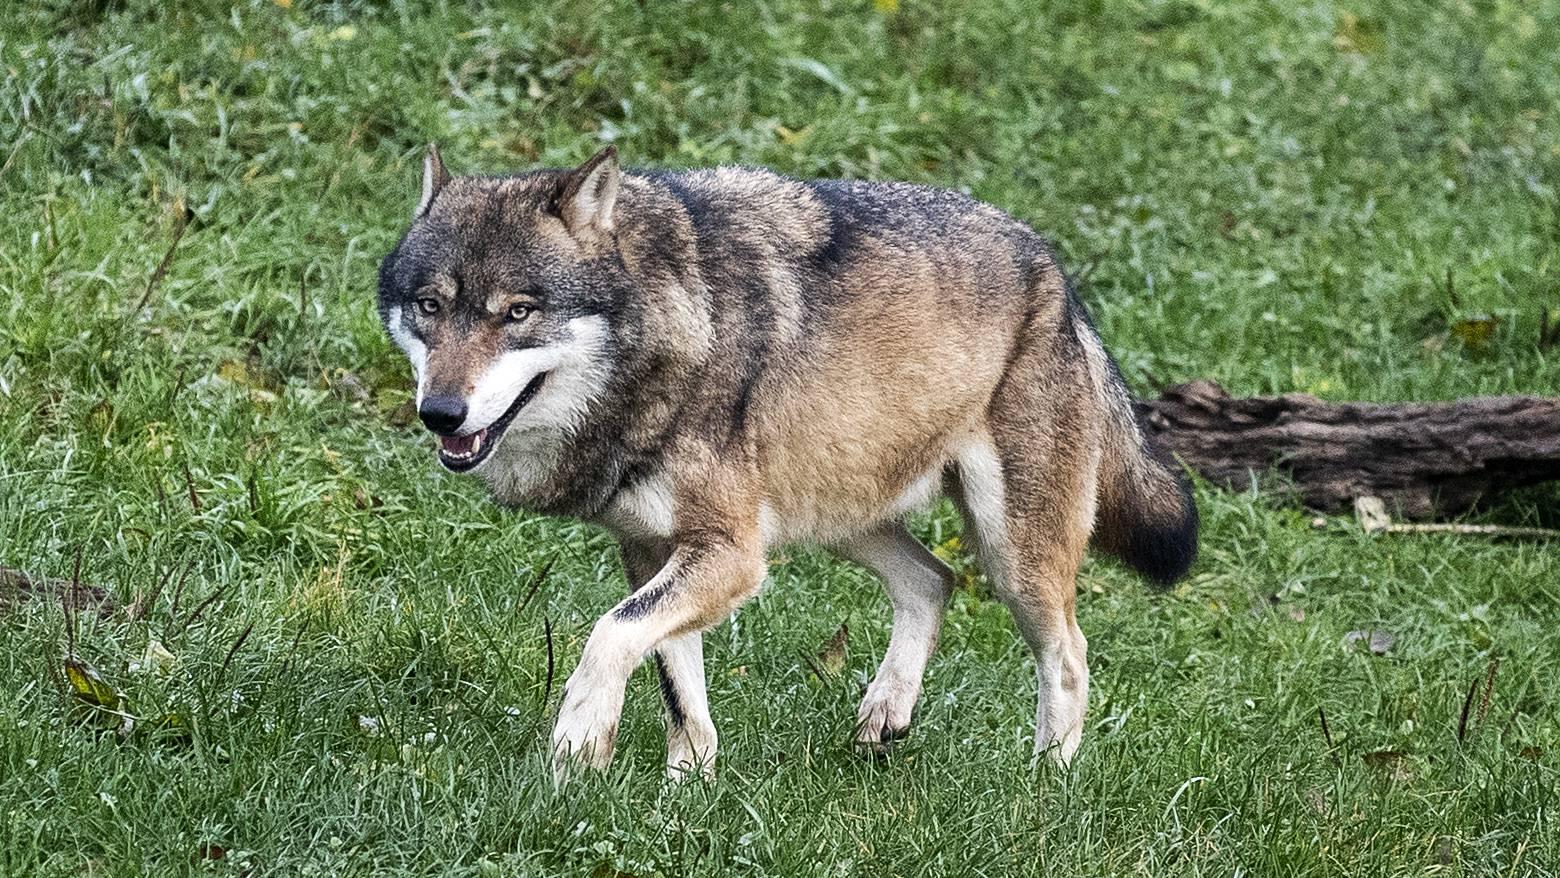 Wölfe sind in der Schweiz geschützt: Sie ohne Bewilligung zu töten, ist strafbar.